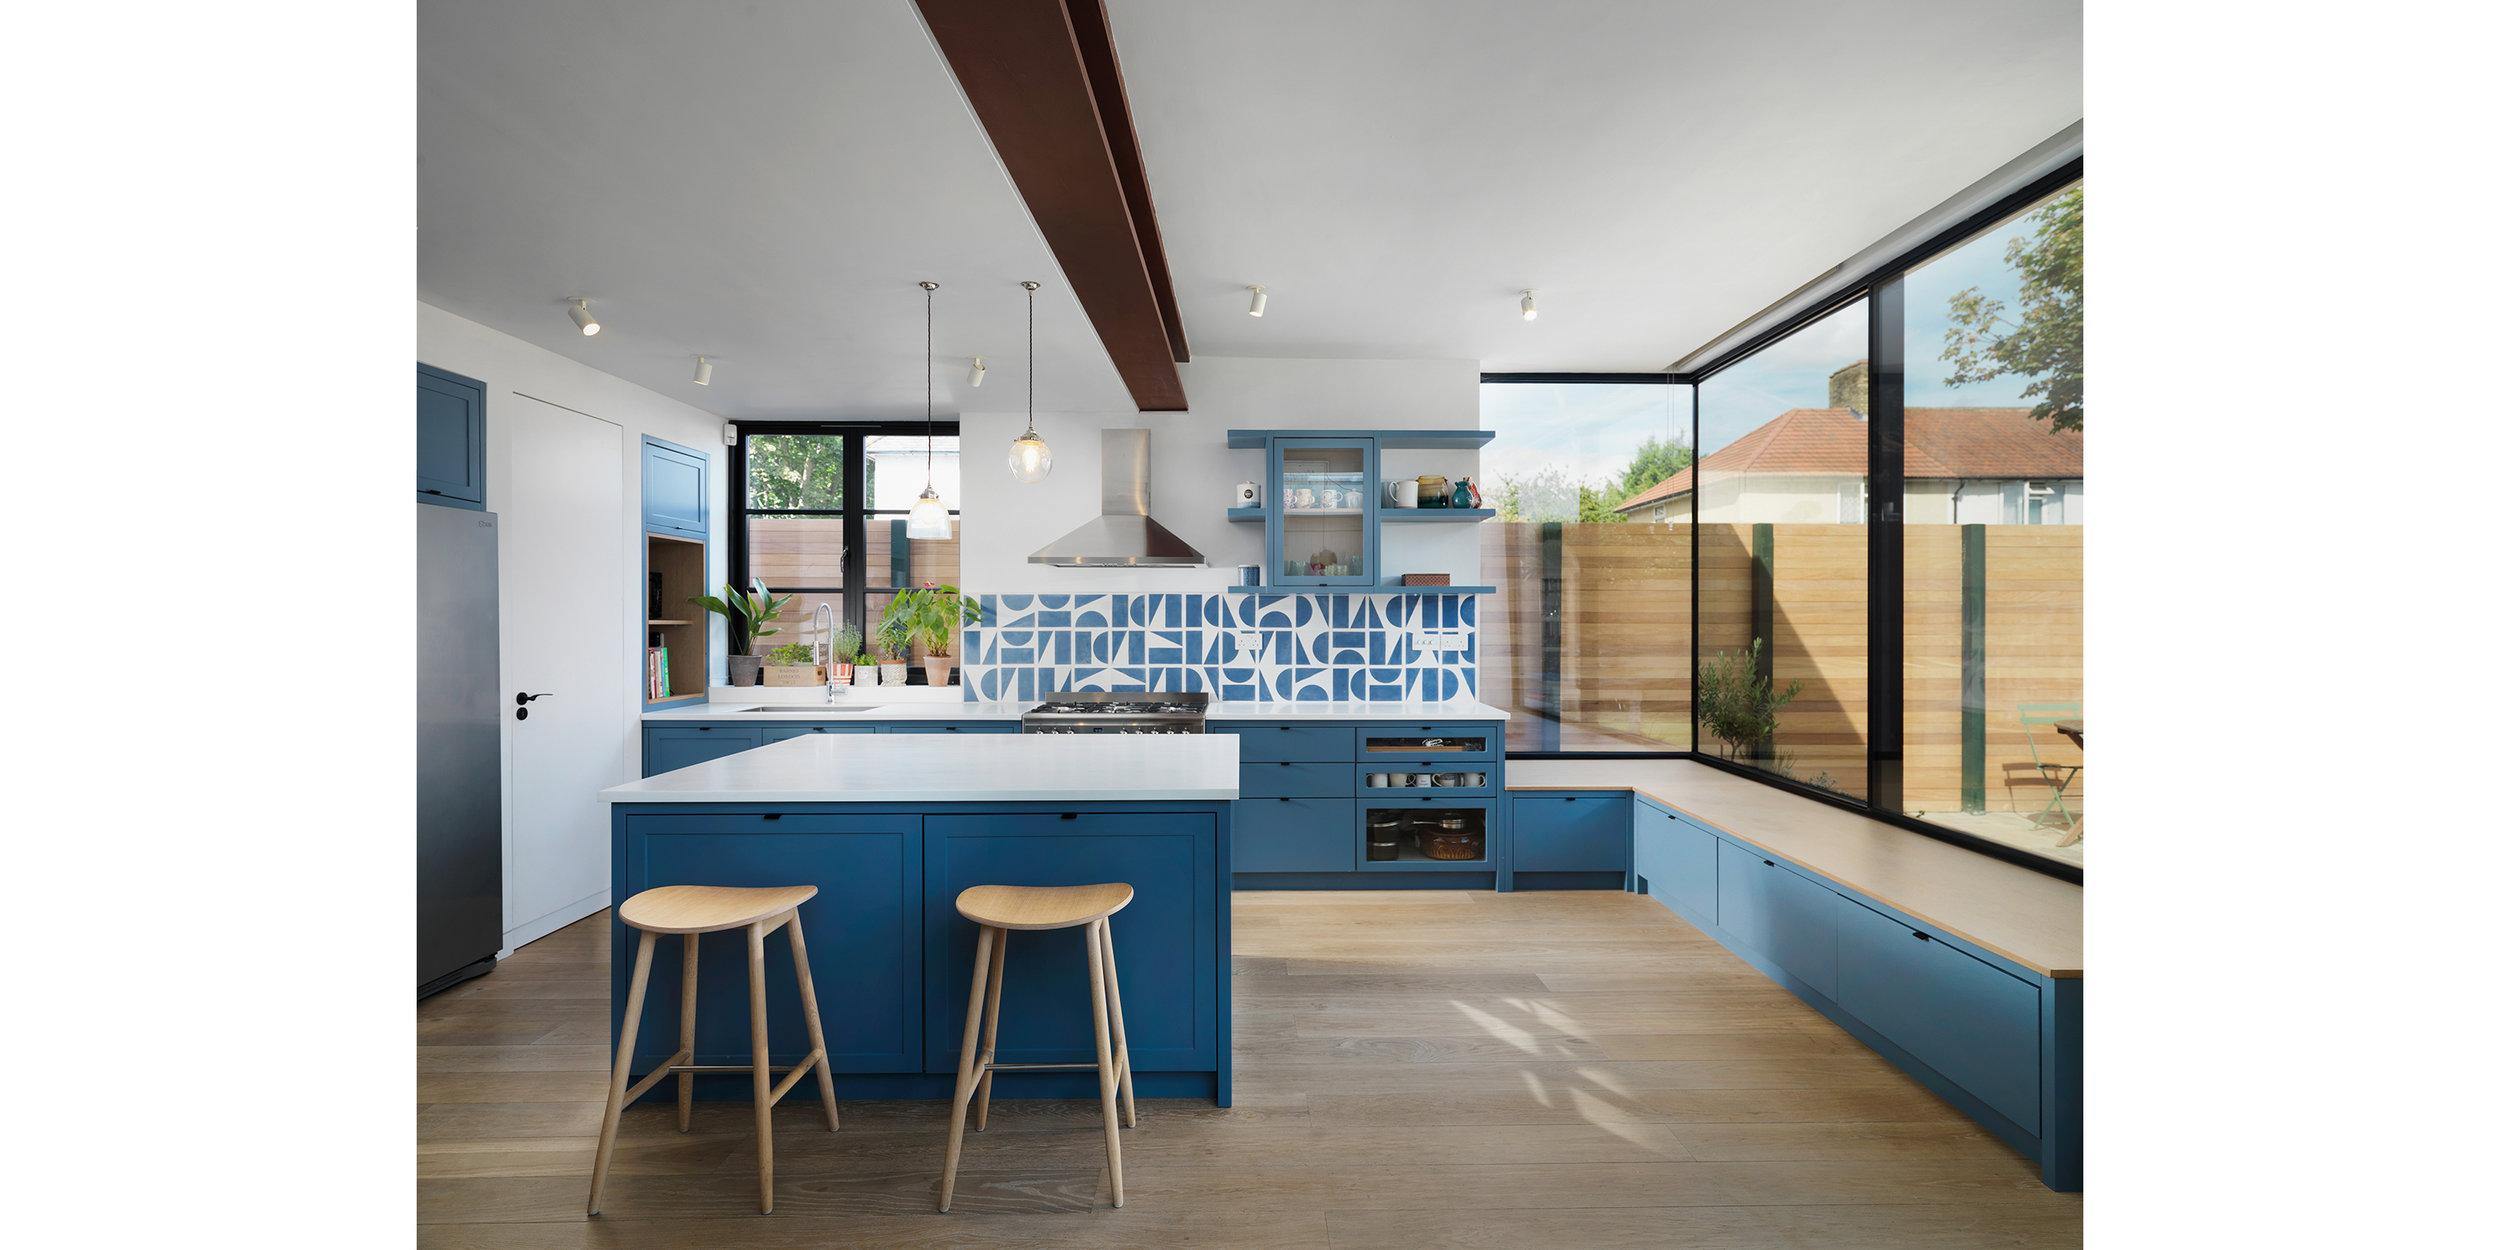 Neiheiser Argyros - Verdun Road - kitchen.jpg